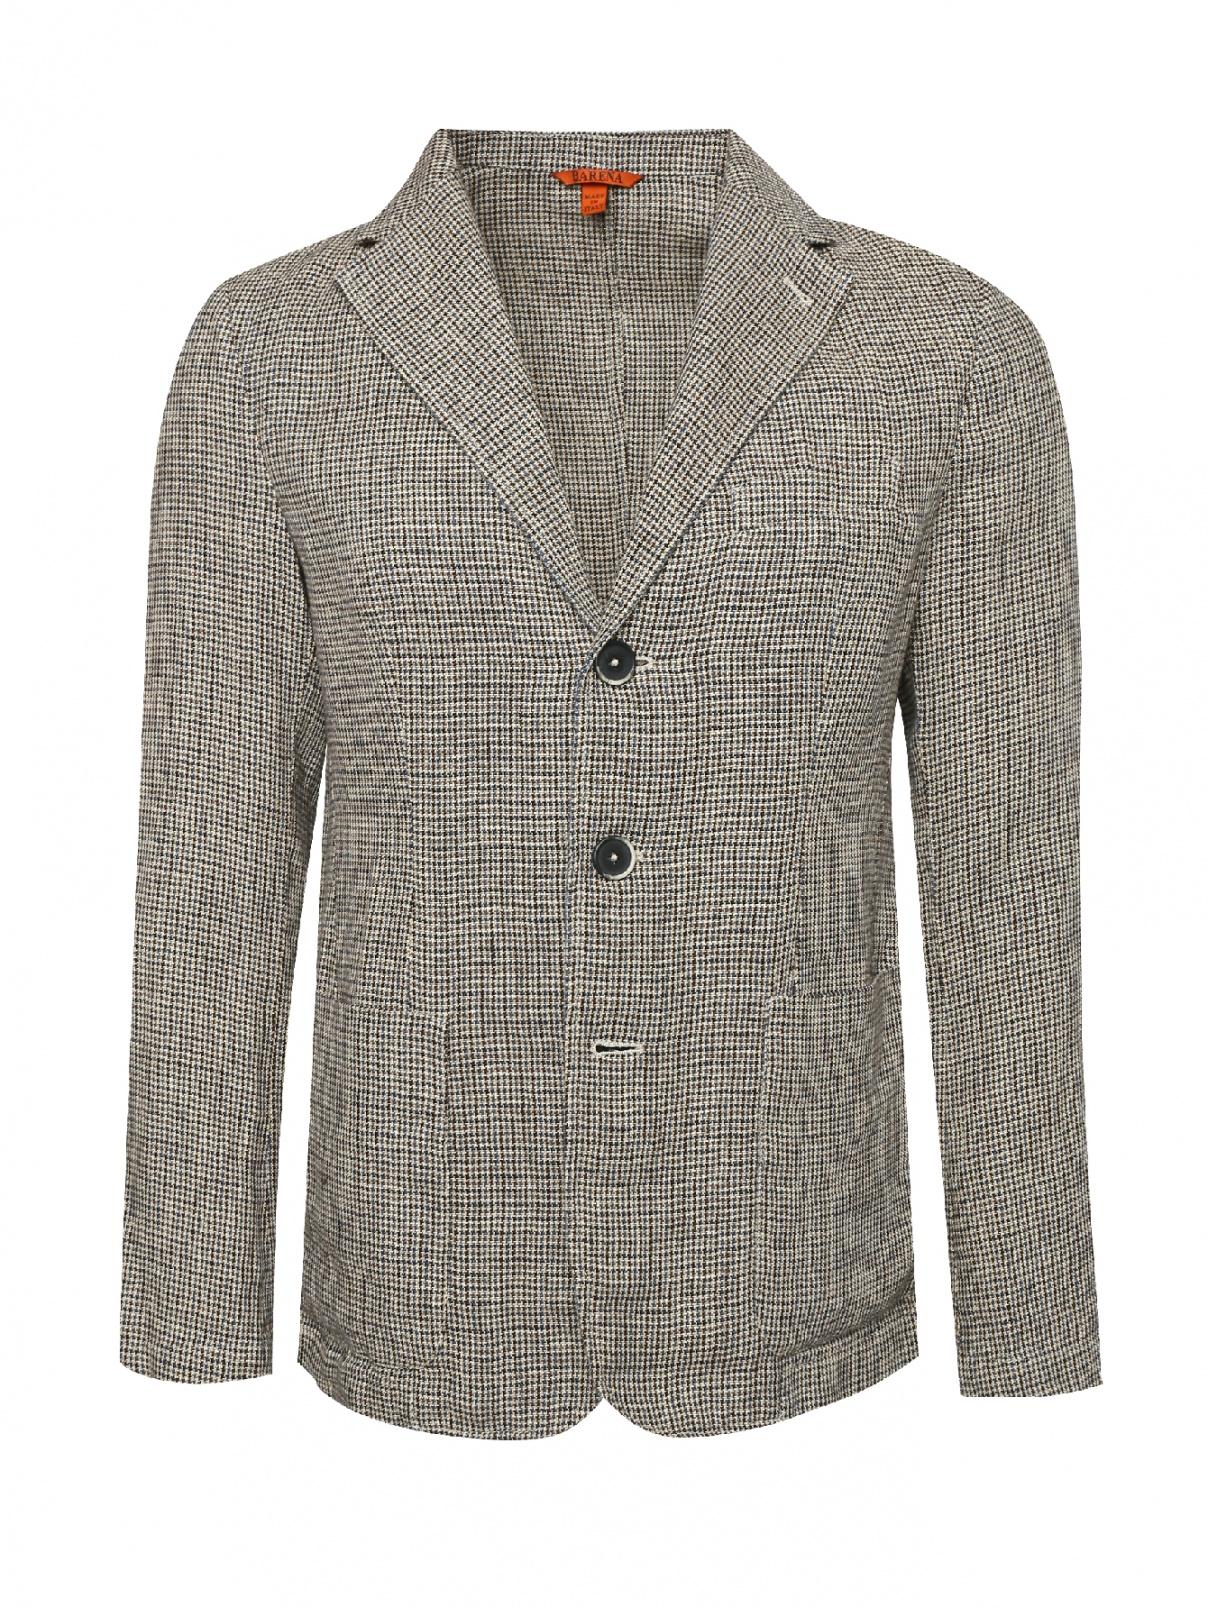 Пиджак однобортный изо льна Barena  –  Общий вид